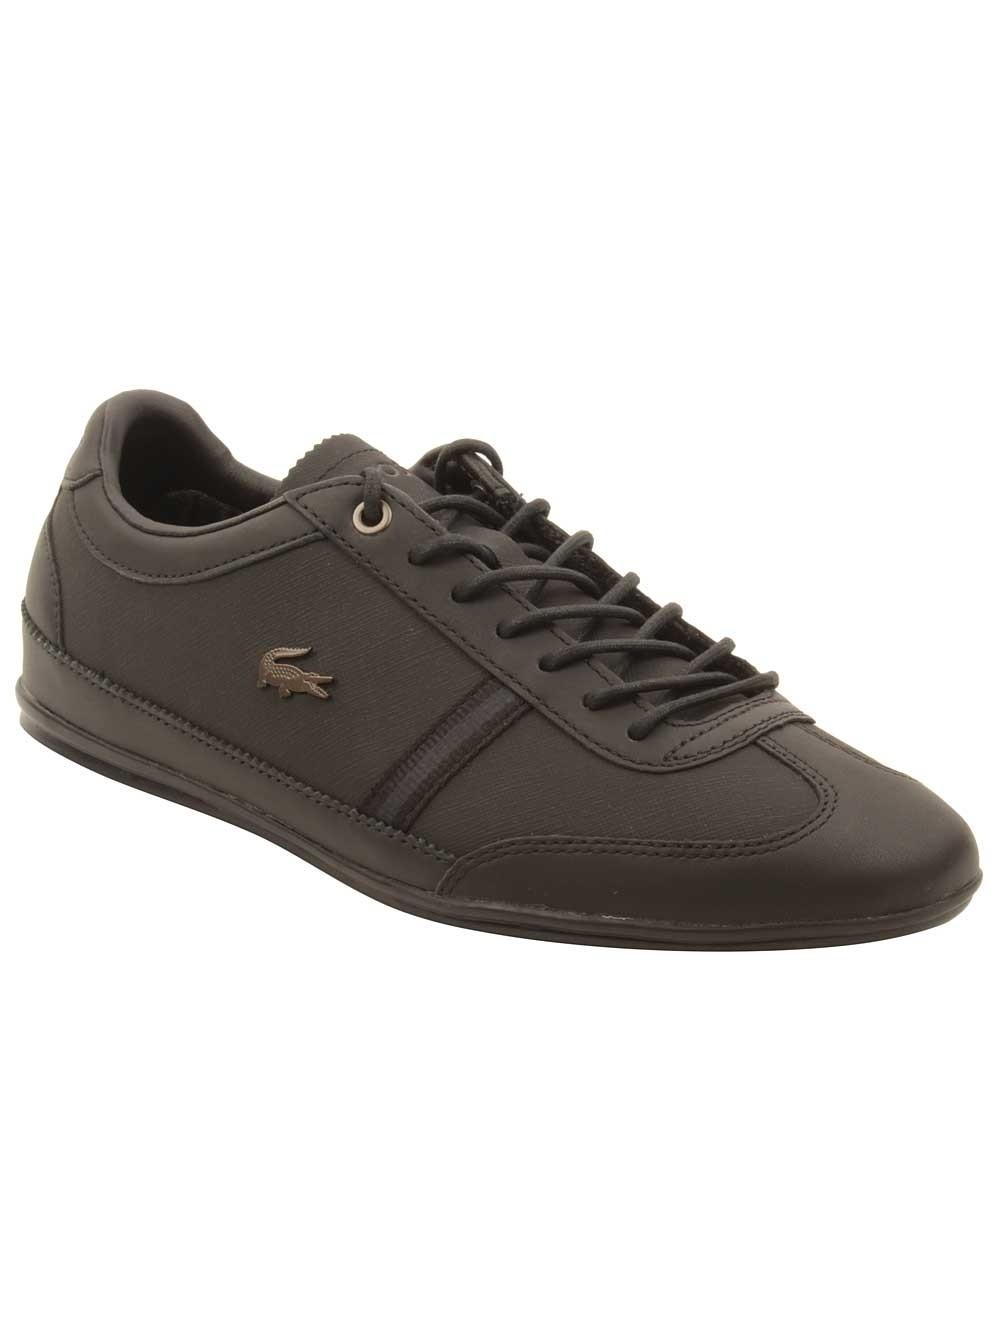 Lacoste Men's Misano 318 1 Sneaker